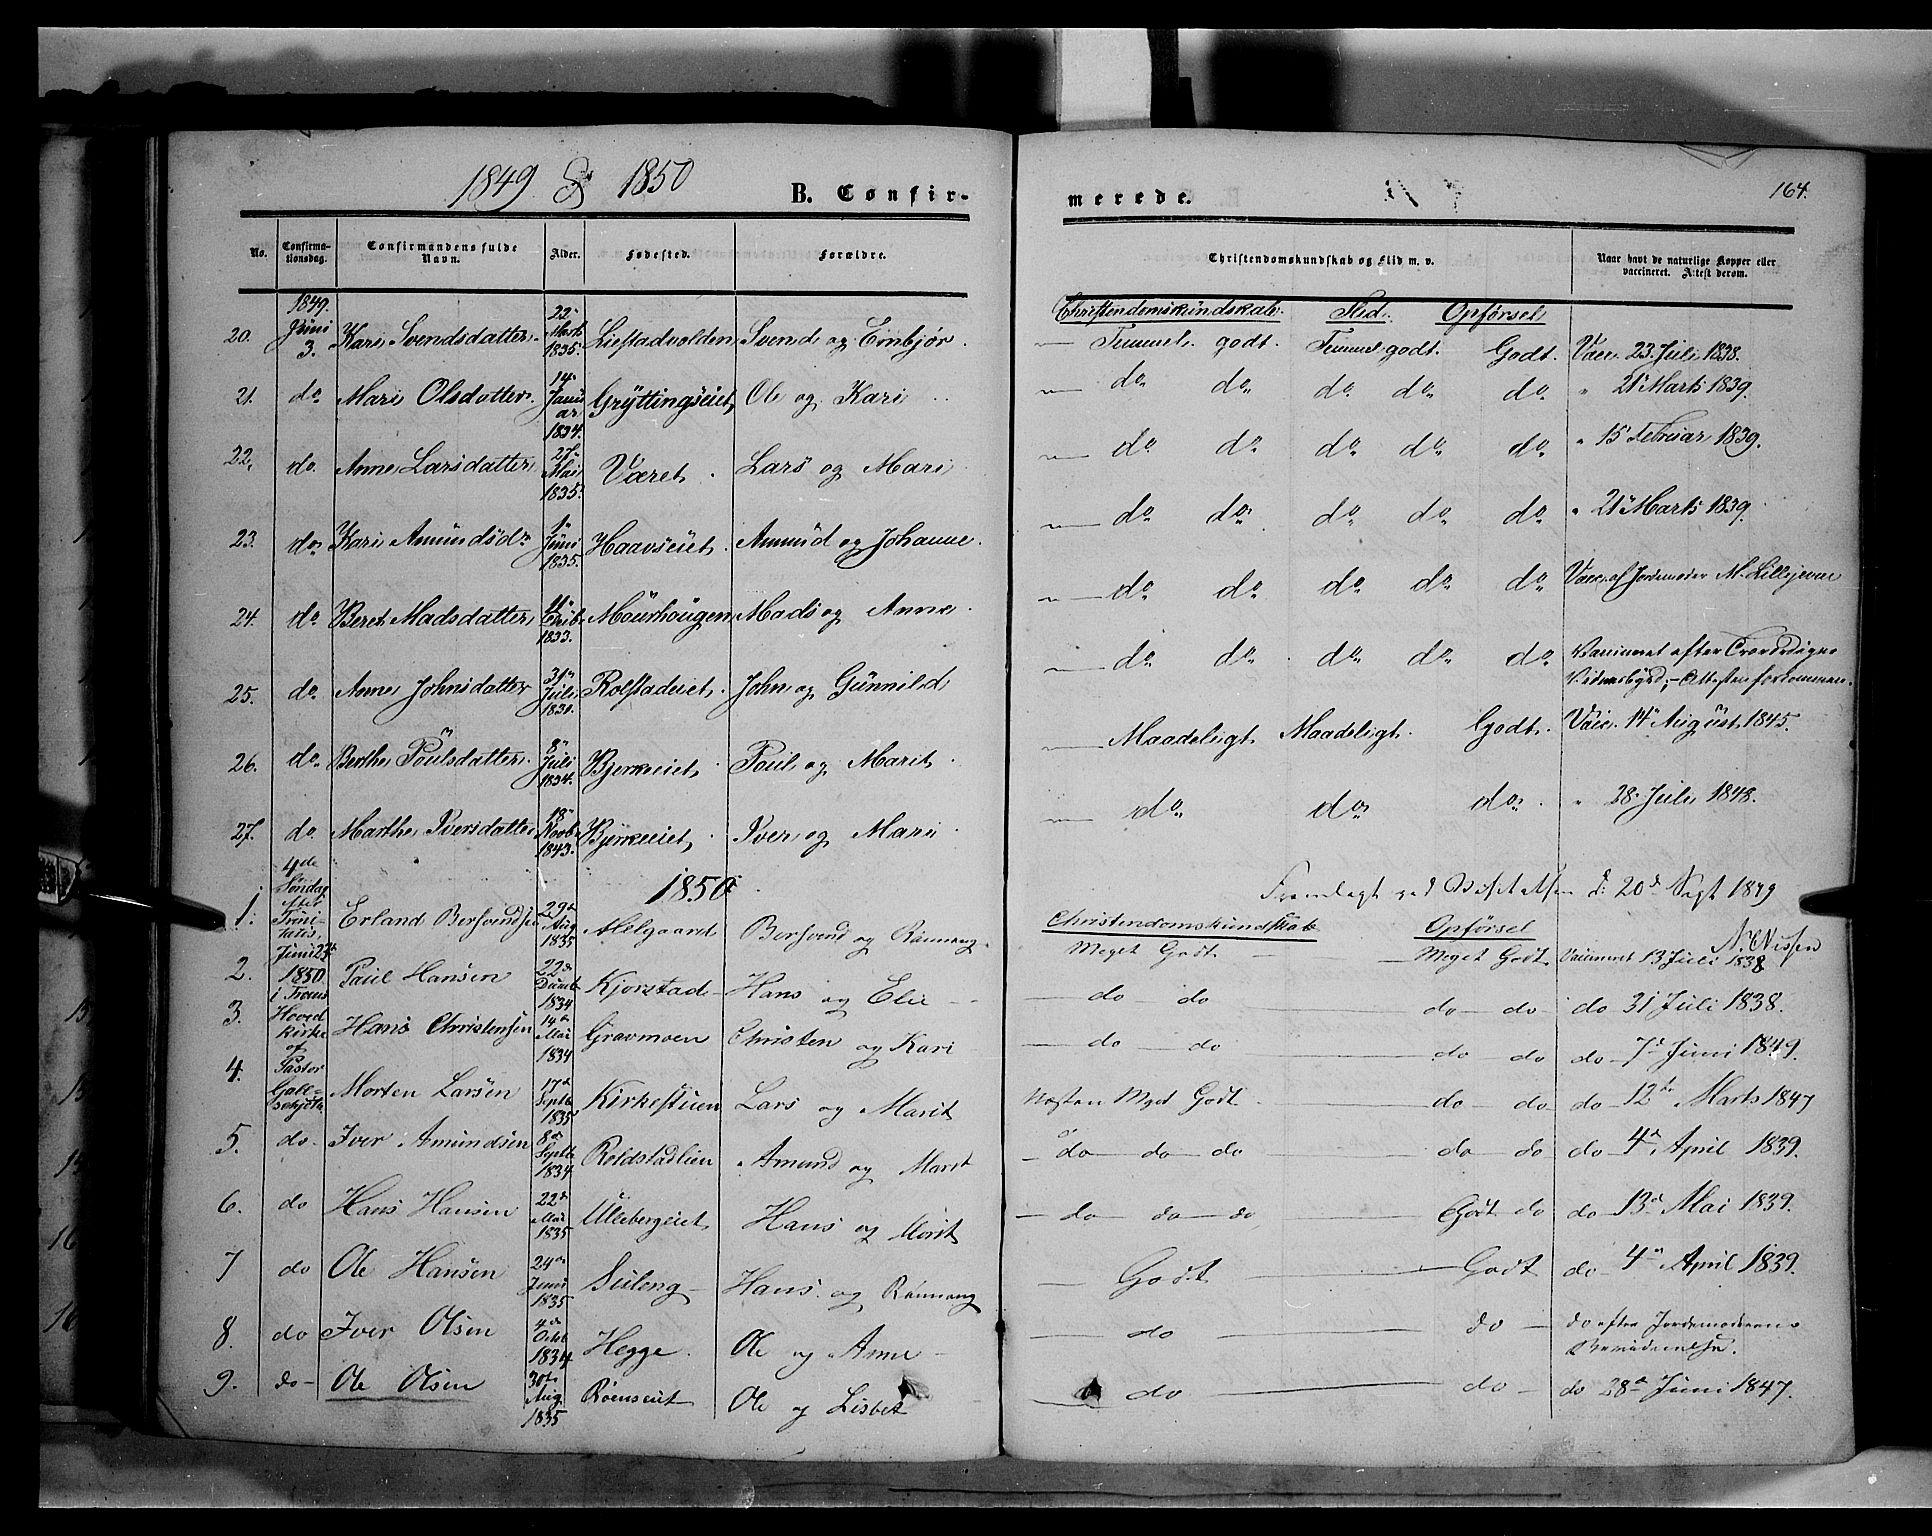 SAH, Sør-Fron prestekontor, H/Ha/Haa/L0001: Ministerialbok nr. 1, 1849-1863, s. 164